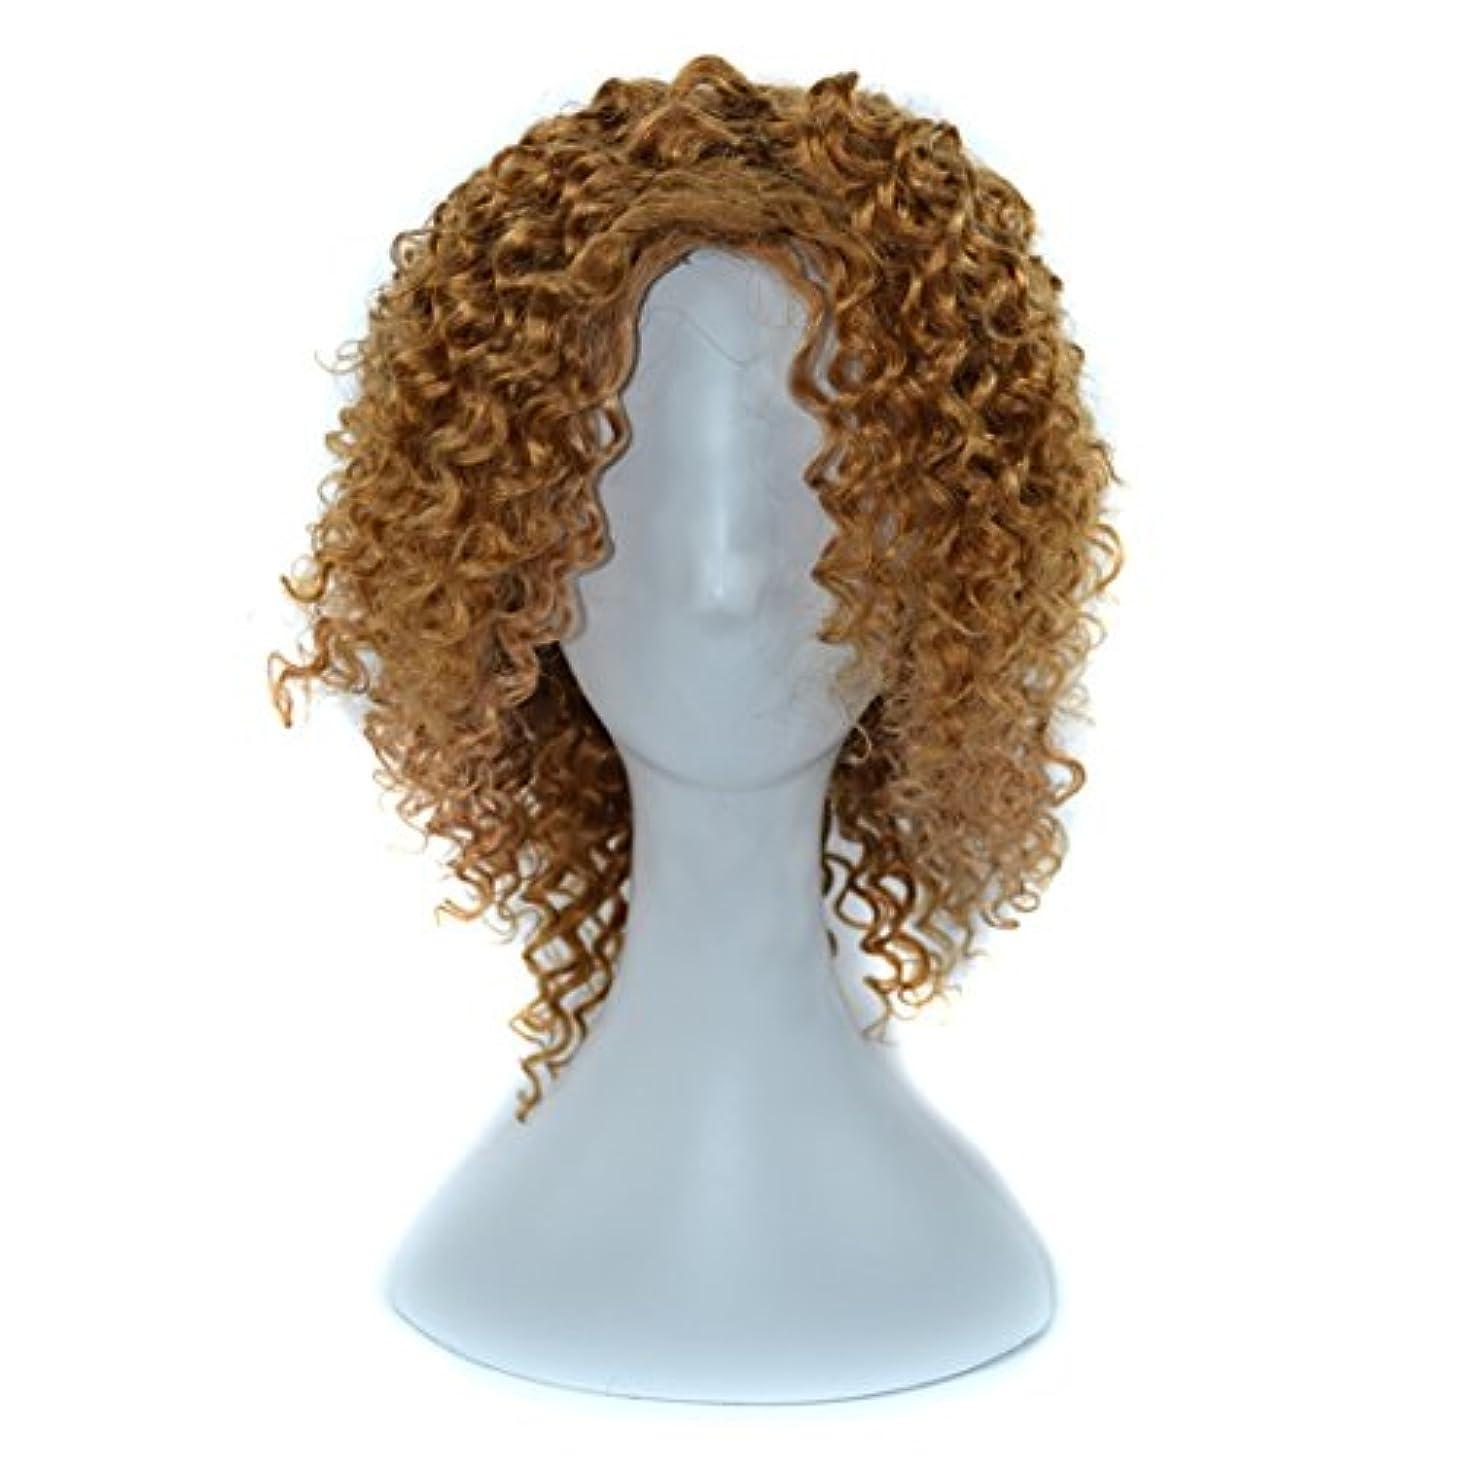 似ている十分痛みYOUQIU 傾斜前髪髪を持つ女性黒浮き、赤やライトブラウンディープカールウィッグはウィッグセットのウィッグを染めすることができないために14インチ本物の人間の髪の毛 (色 : 淡い茶色)